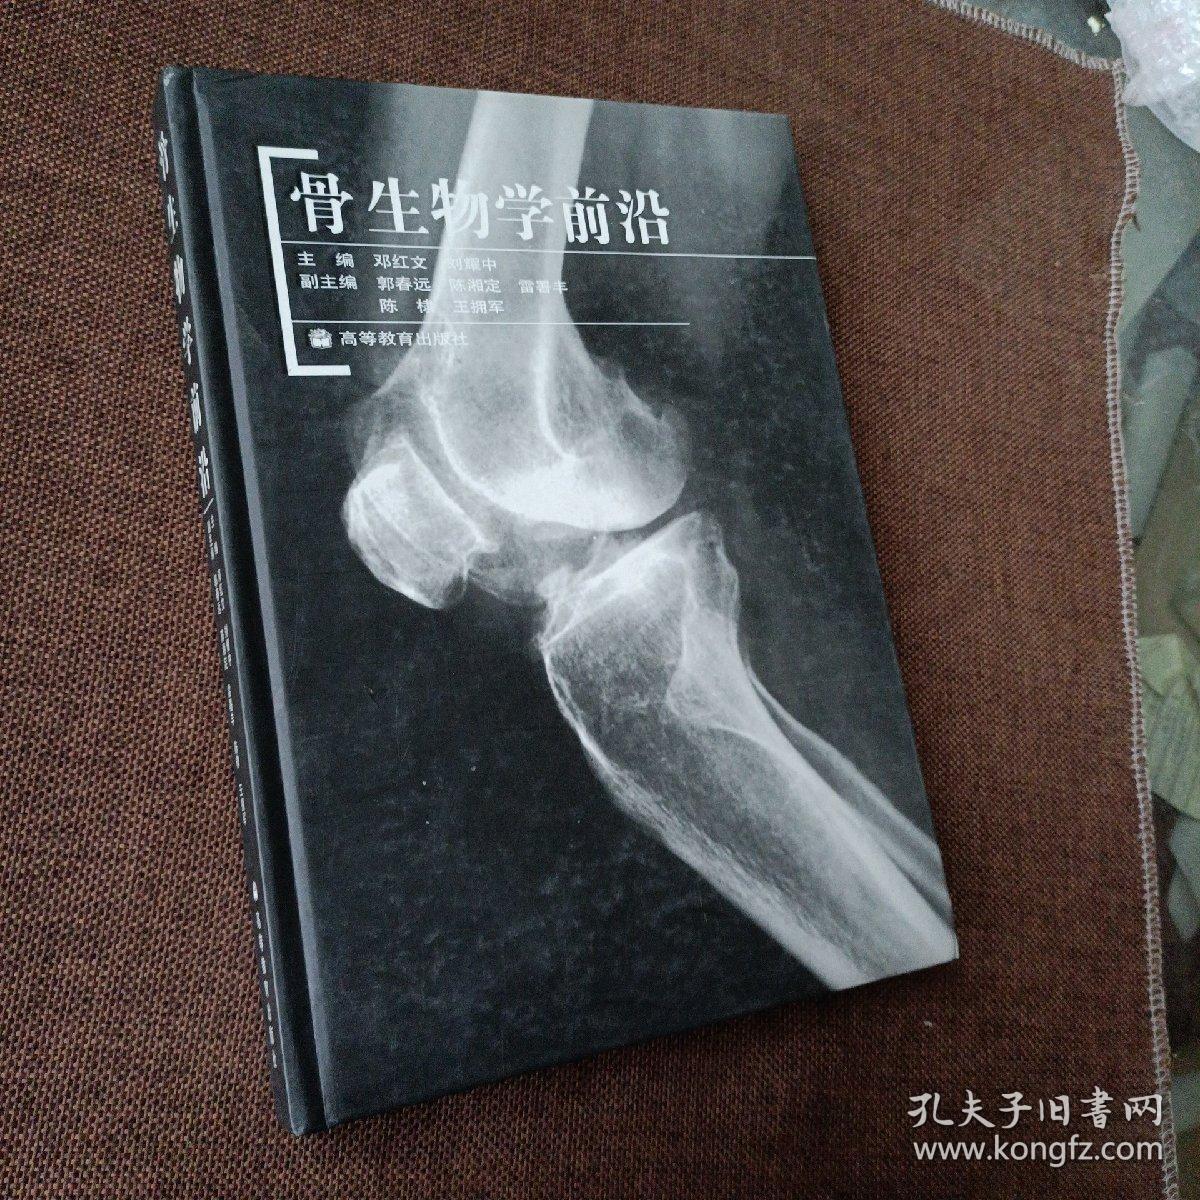 骨生物学前沿(精装未翻阅,1版1次,库存书自然旧)